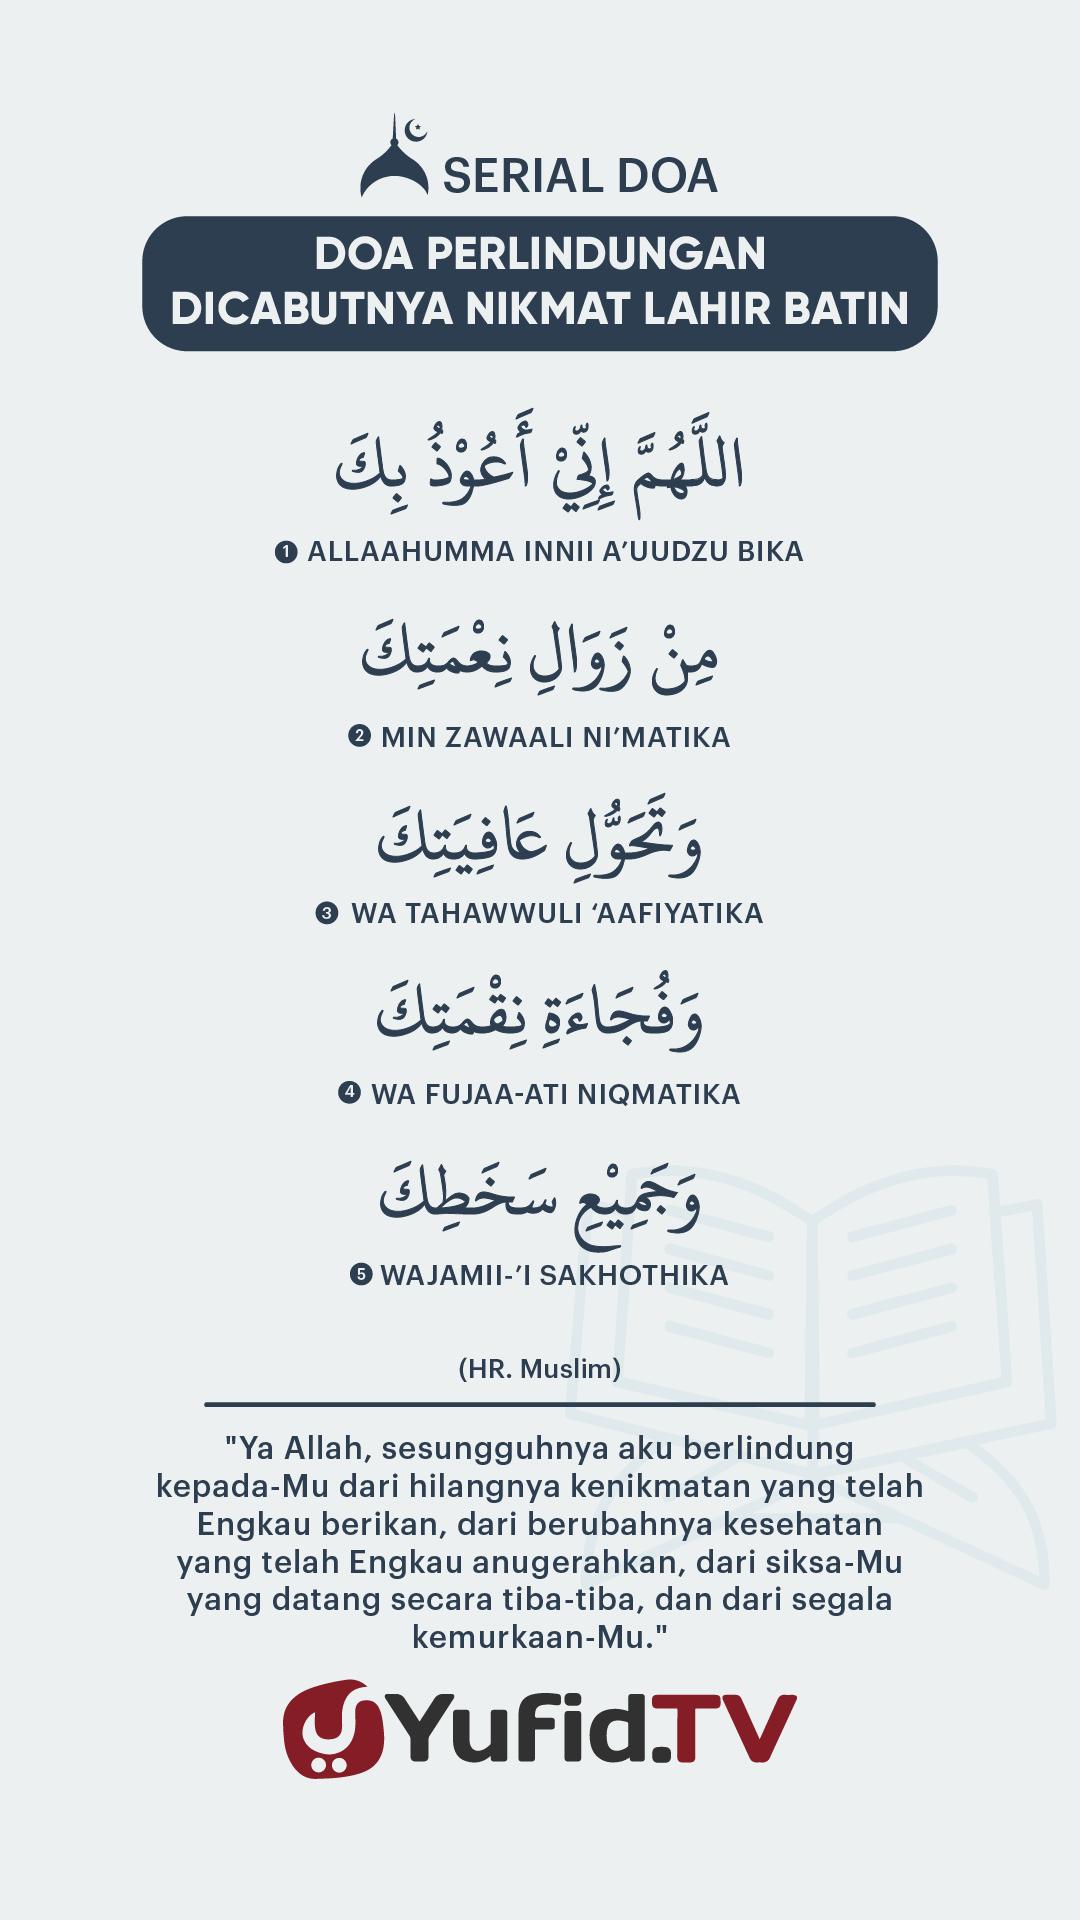 Doa Perlindungan Dicabutnya Nikmat Lahir Batin – Vertical